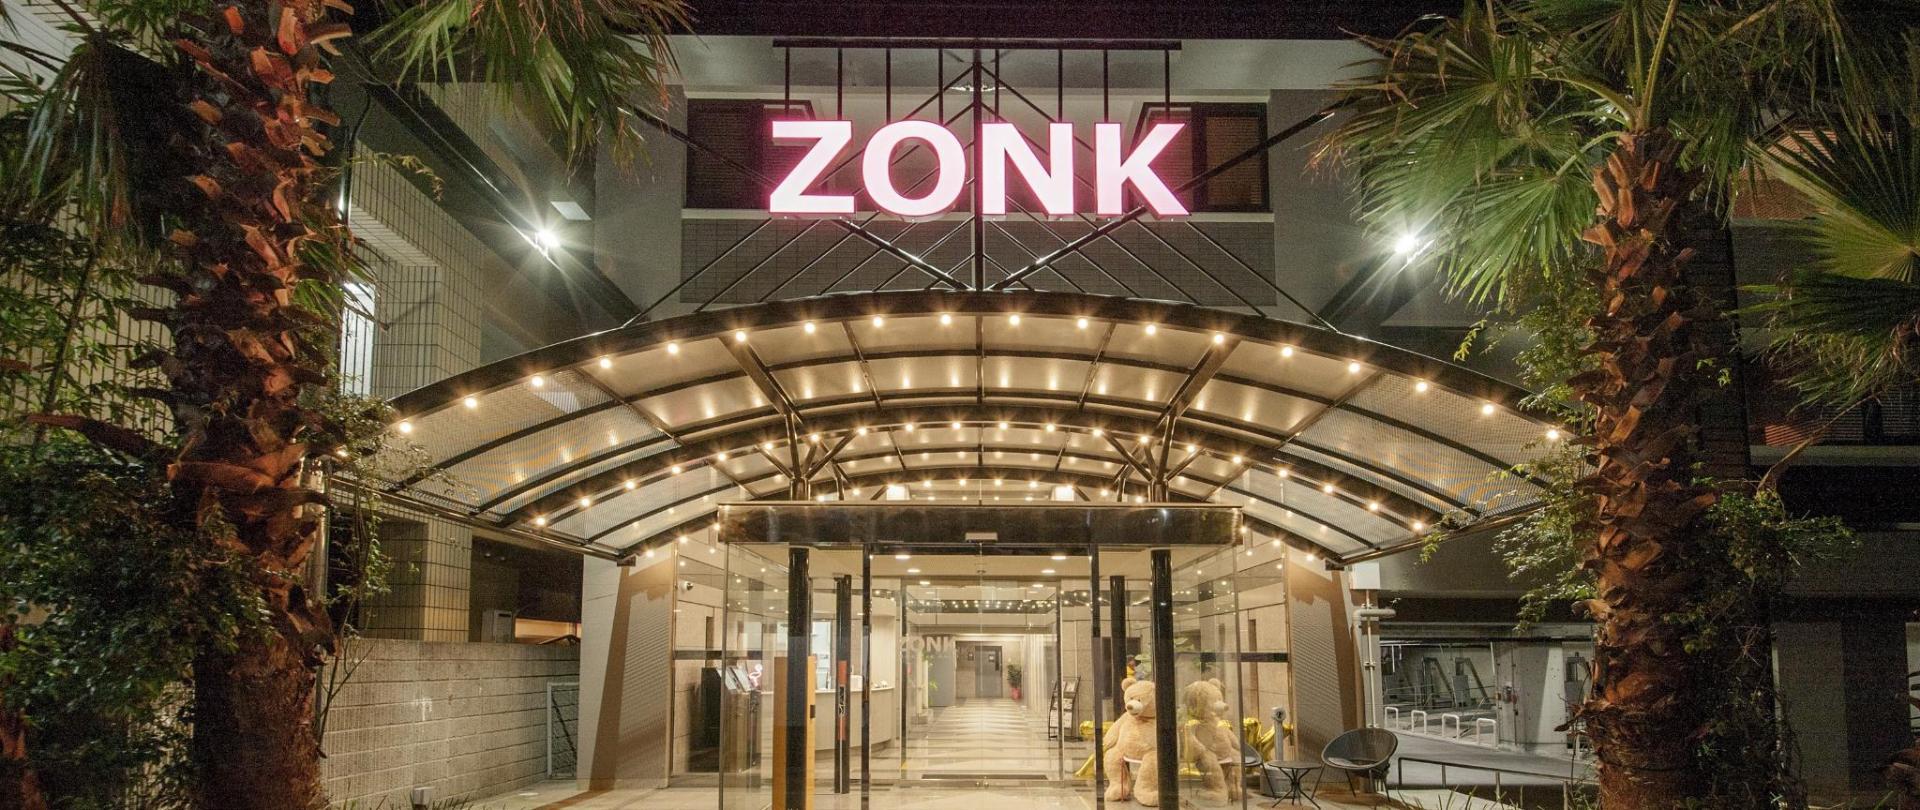 zonk_front_big.jpg